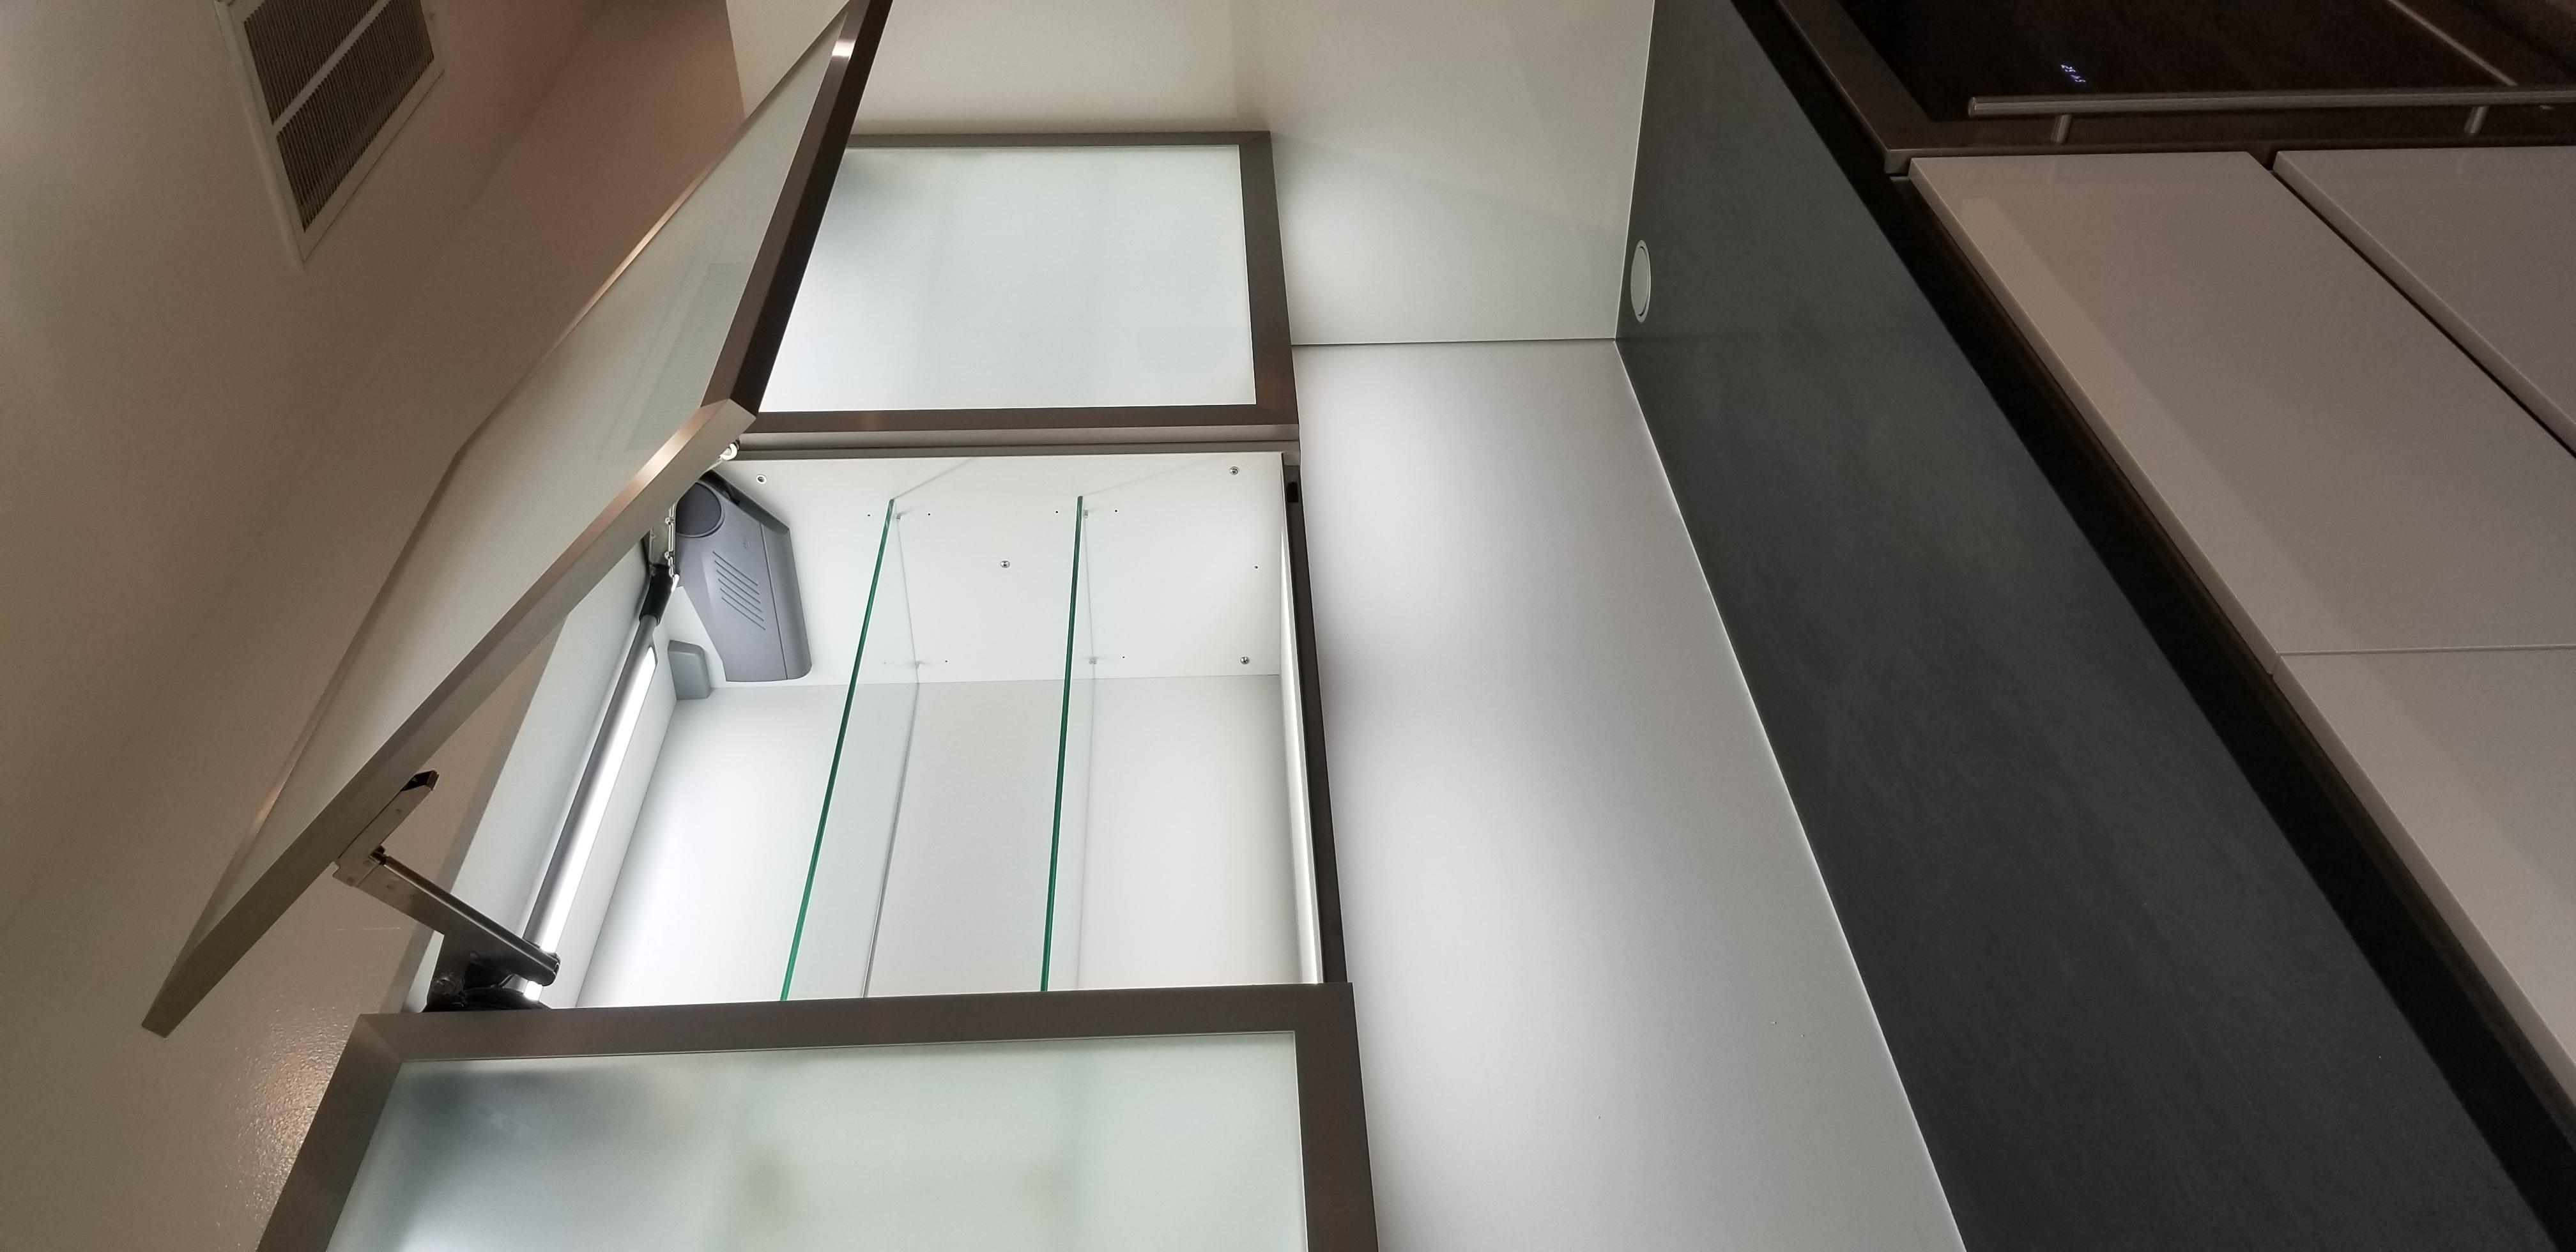 German kitchen cabinets